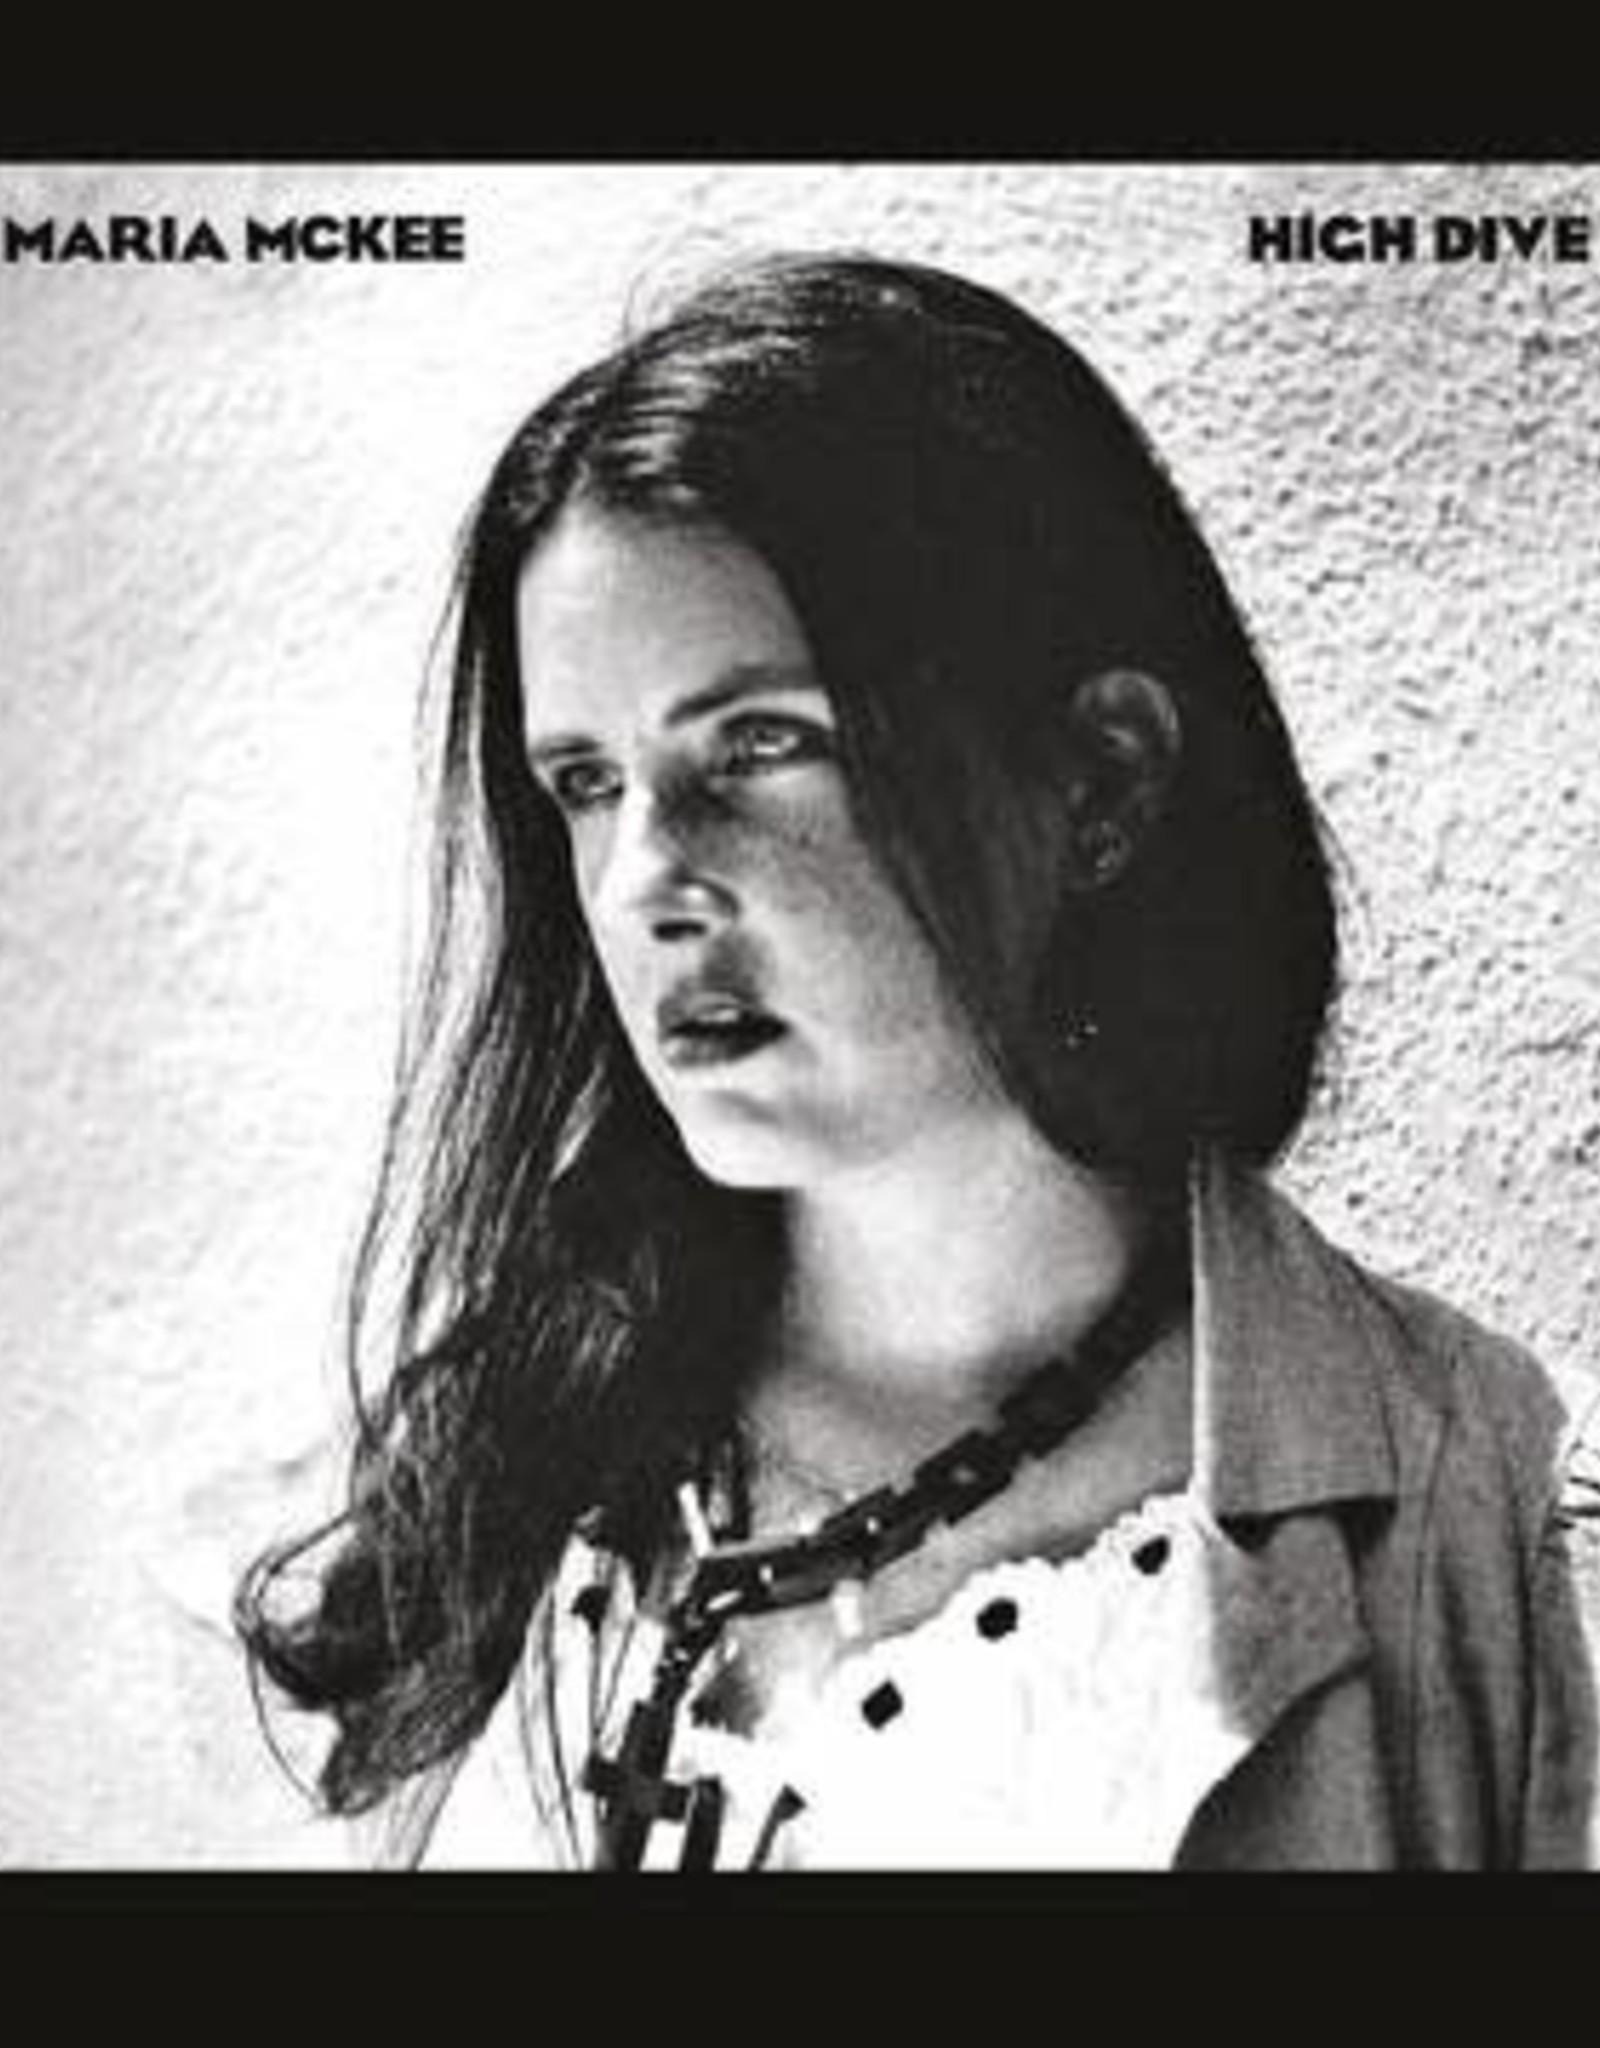 Maria McKee - High Dive (RSD 6/21)